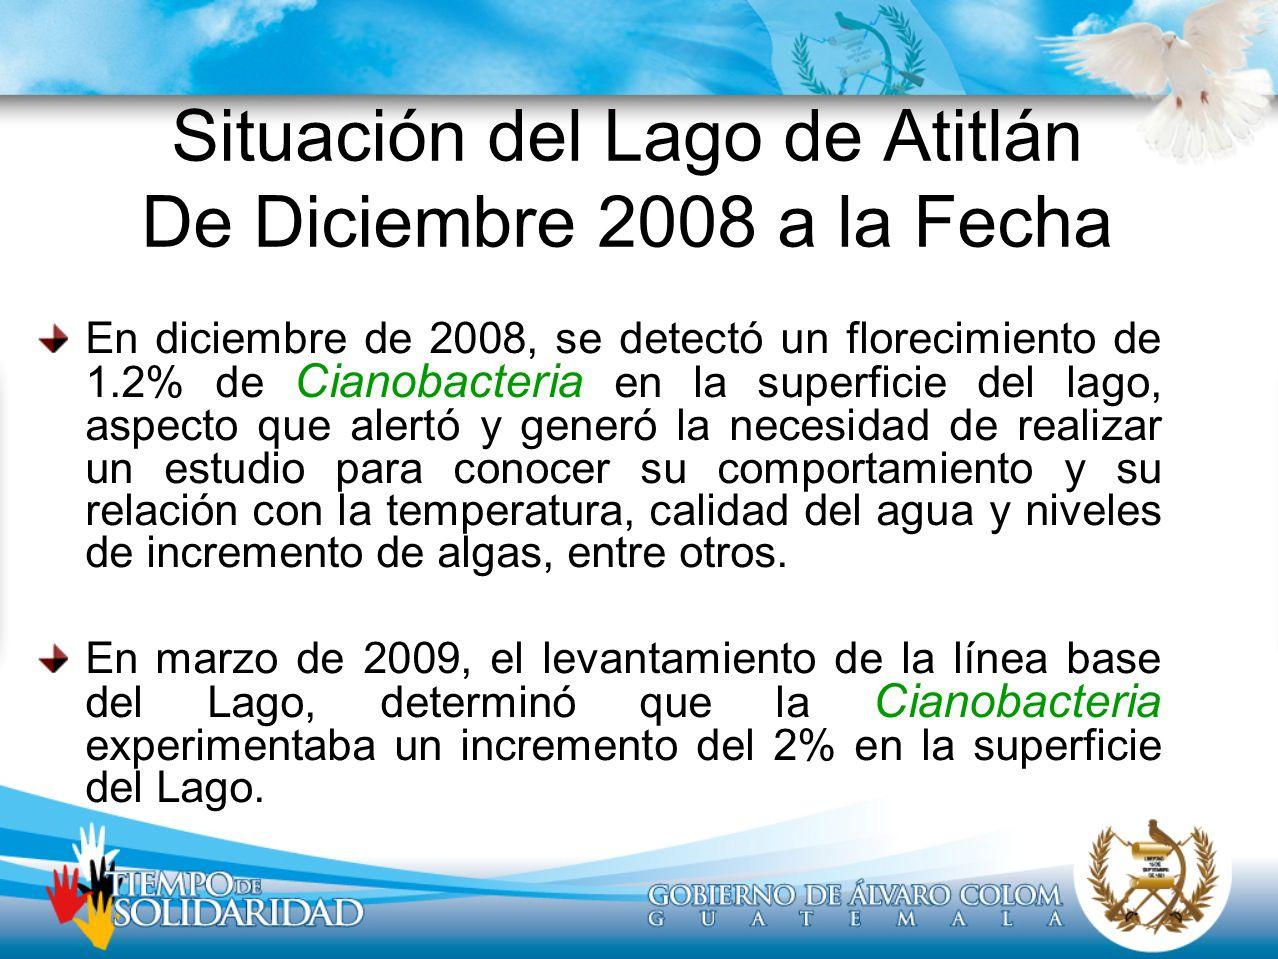 En octubre de 2009, el incremento de la Cianobacteria paso del 2% al 5.5%.